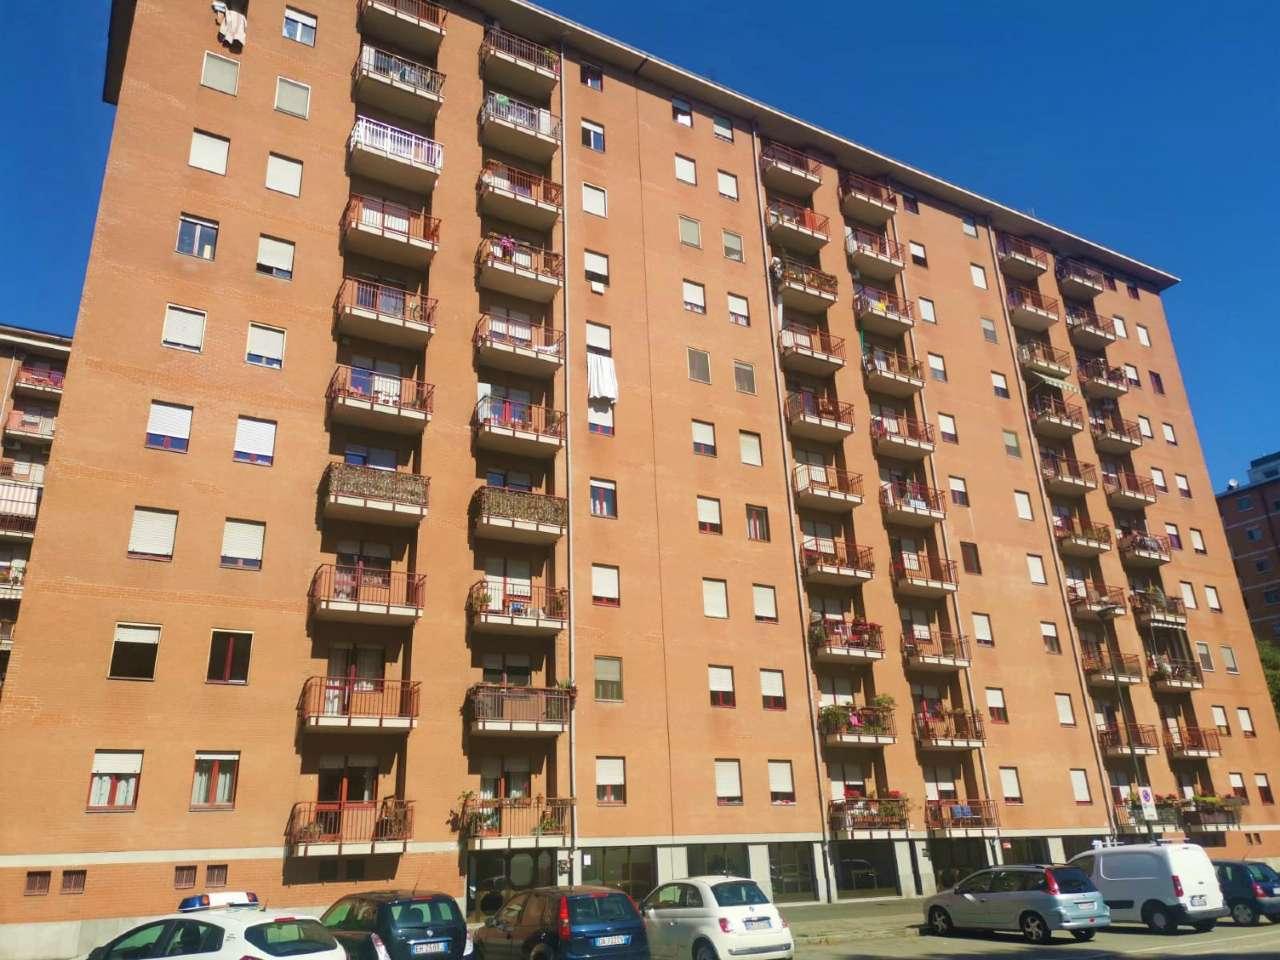 Appartamento in vendita Zona Madonna di Campagna, Borgo Vittoria... - via Via Sotellaro 47 Torino